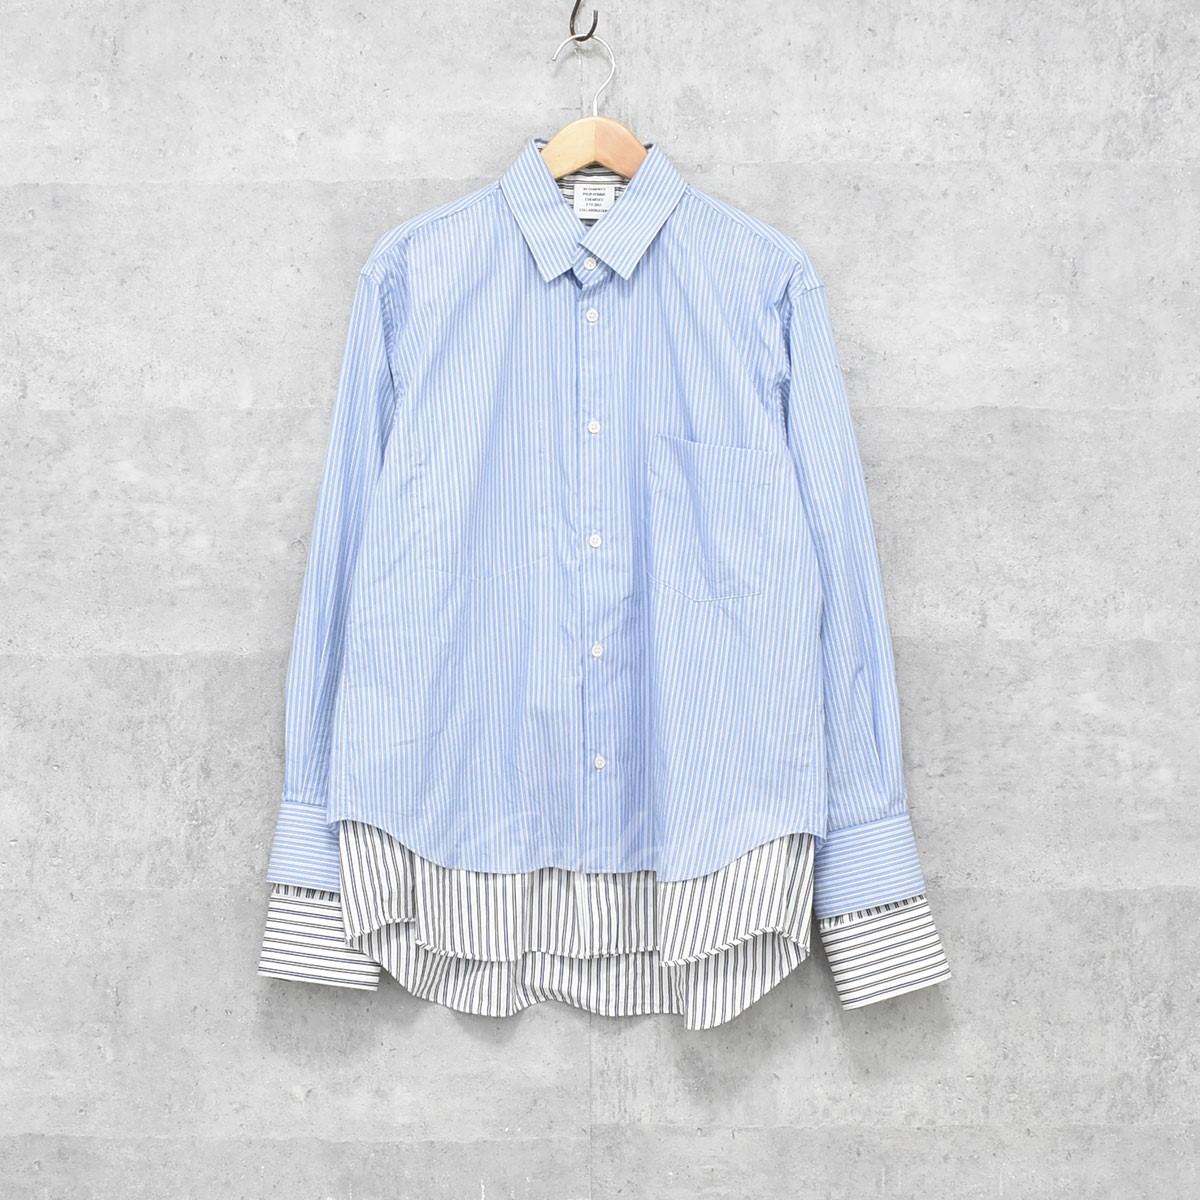 【中古】VETEMENTS ×COMME des GARCONS SHIRT ストライプレイヤードシャツ 17SS 【送料無料】 【202346】 【AM1497】